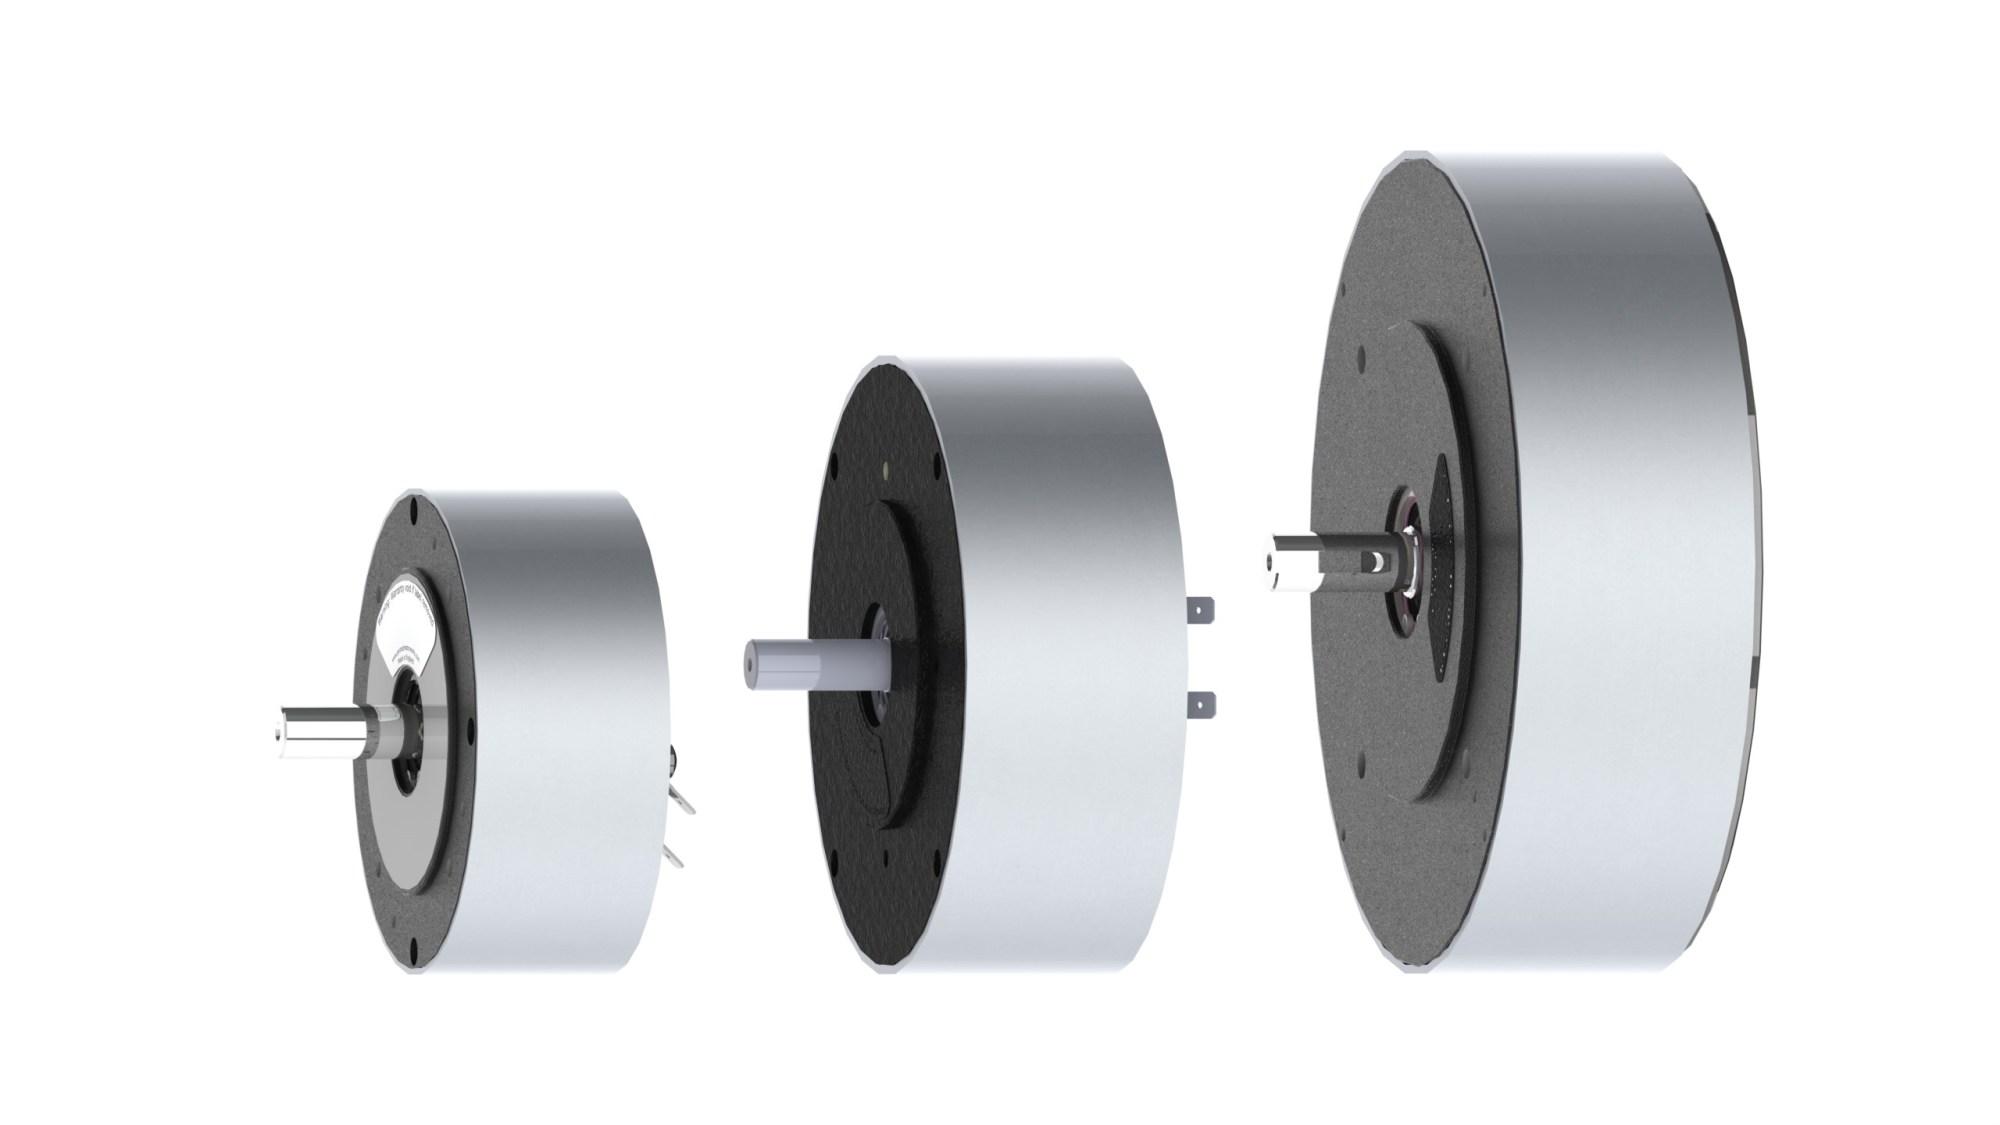 hight resolution of gm range of brushed printed armature pancake motors gm9 gm12 gm16